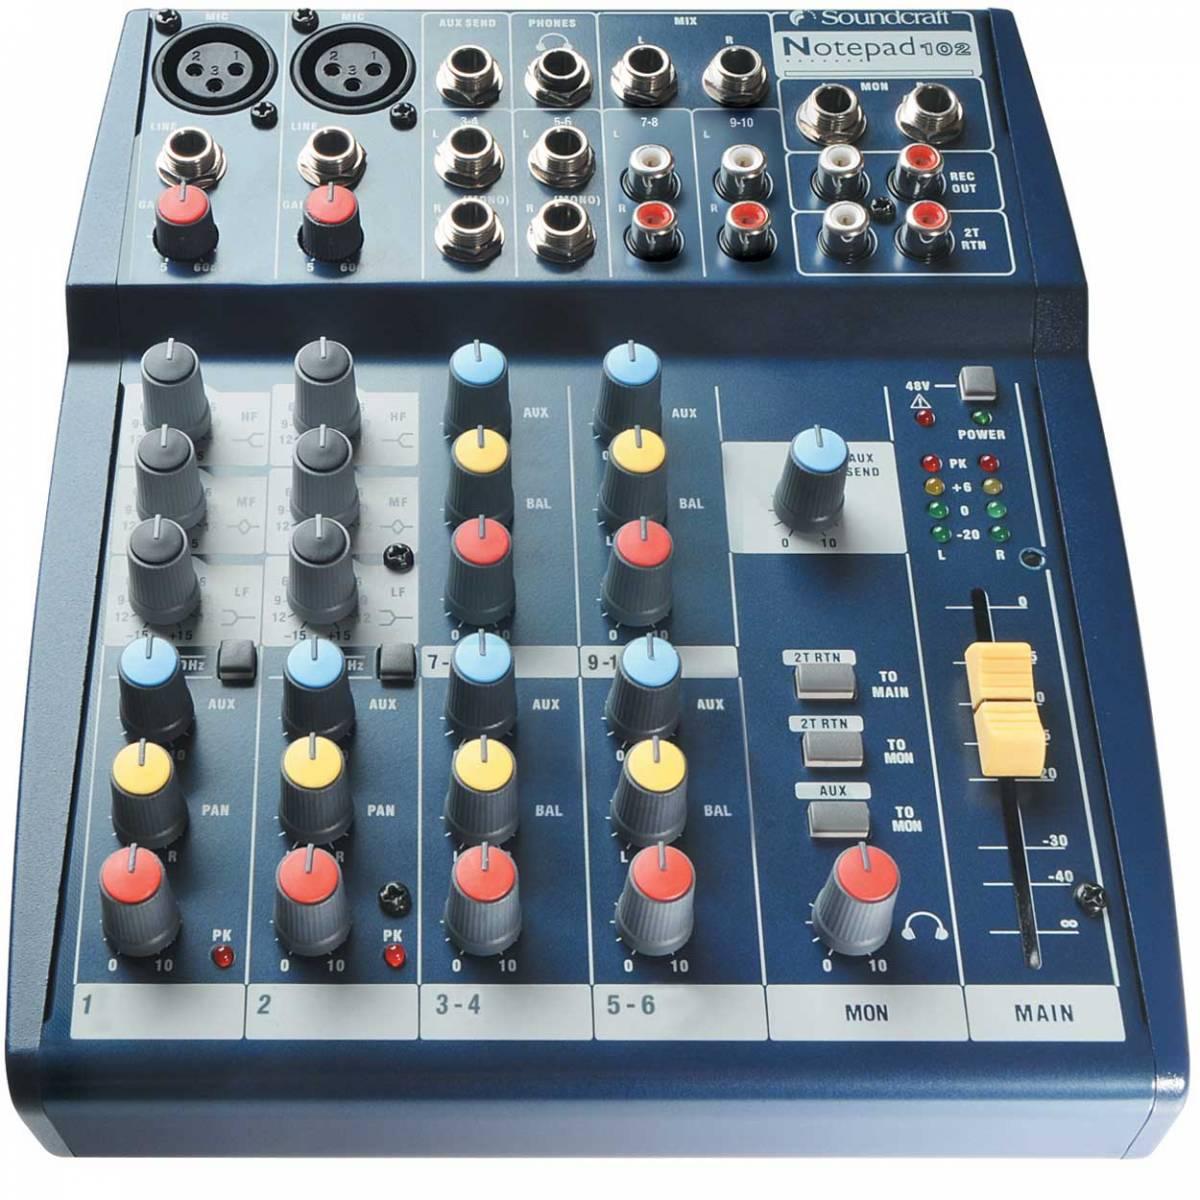 soundcraft notepad 102 10 channel mixer. Black Bedroom Furniture Sets. Home Design Ideas